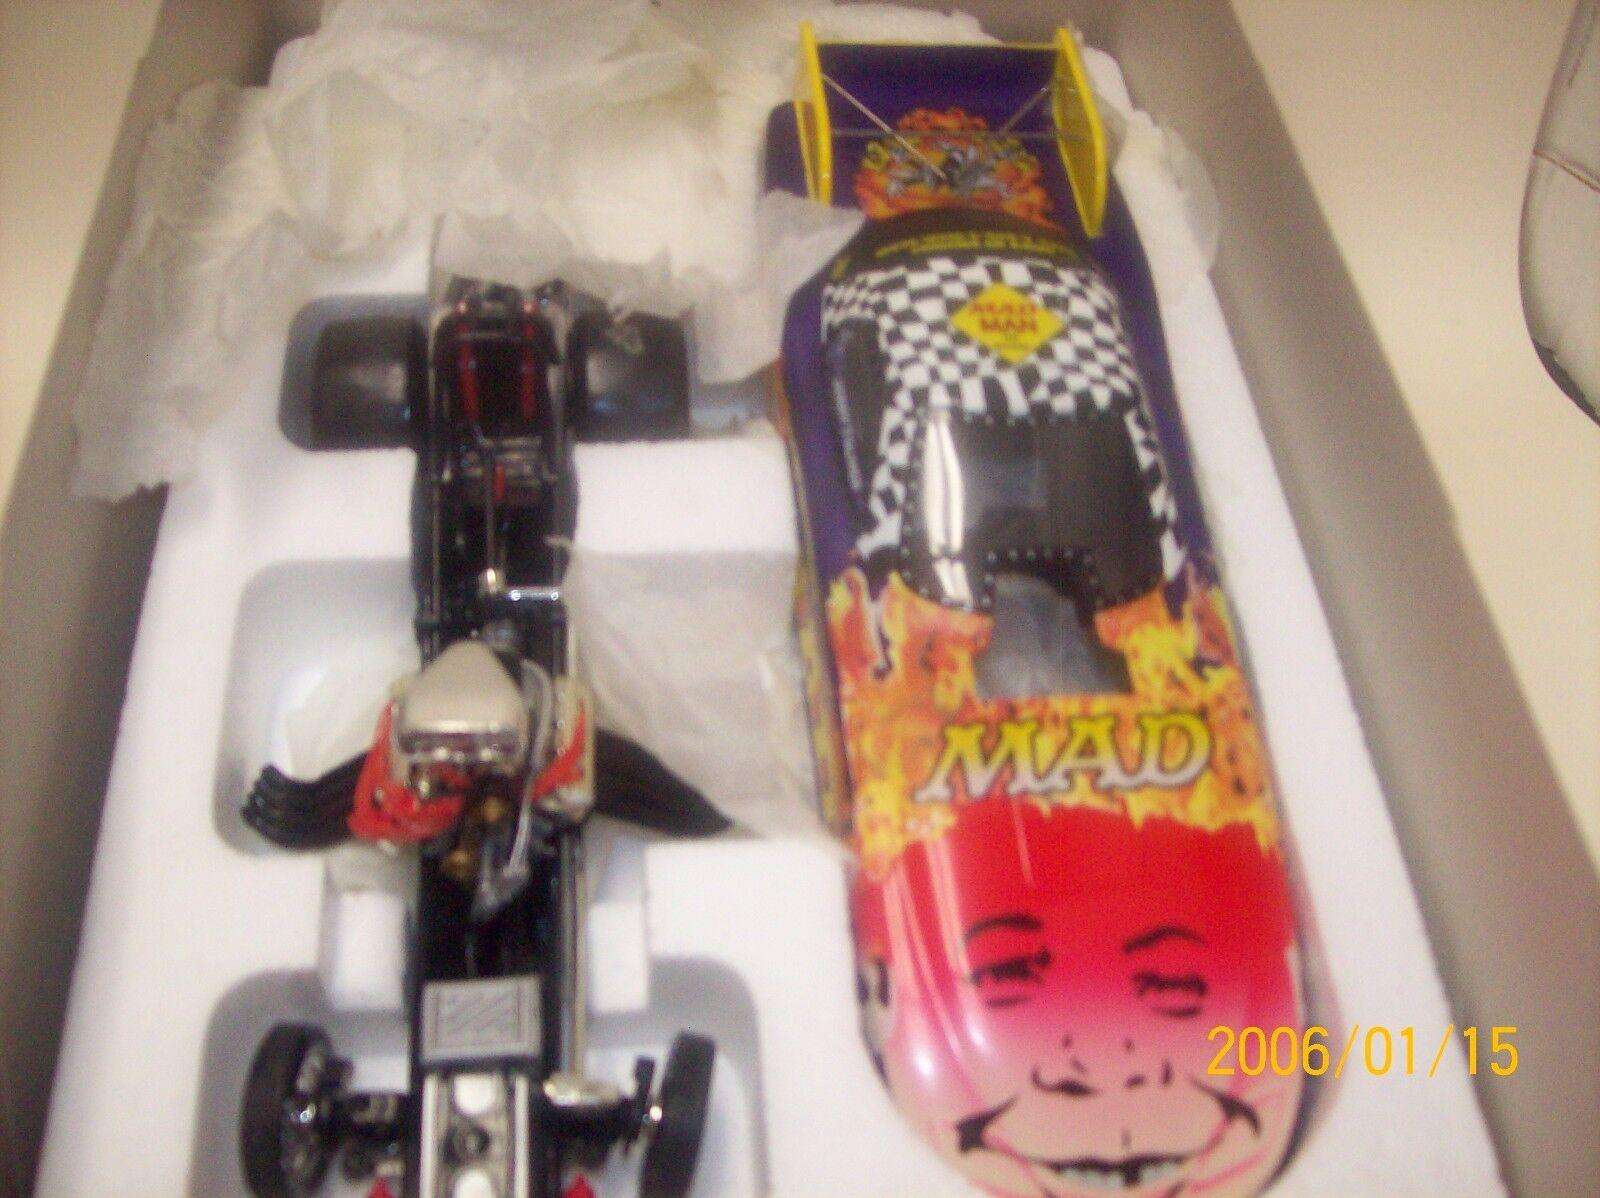 1:24 Action NHRA Funny Car '98 Pontiac Mad Magazine Jerry Toliver